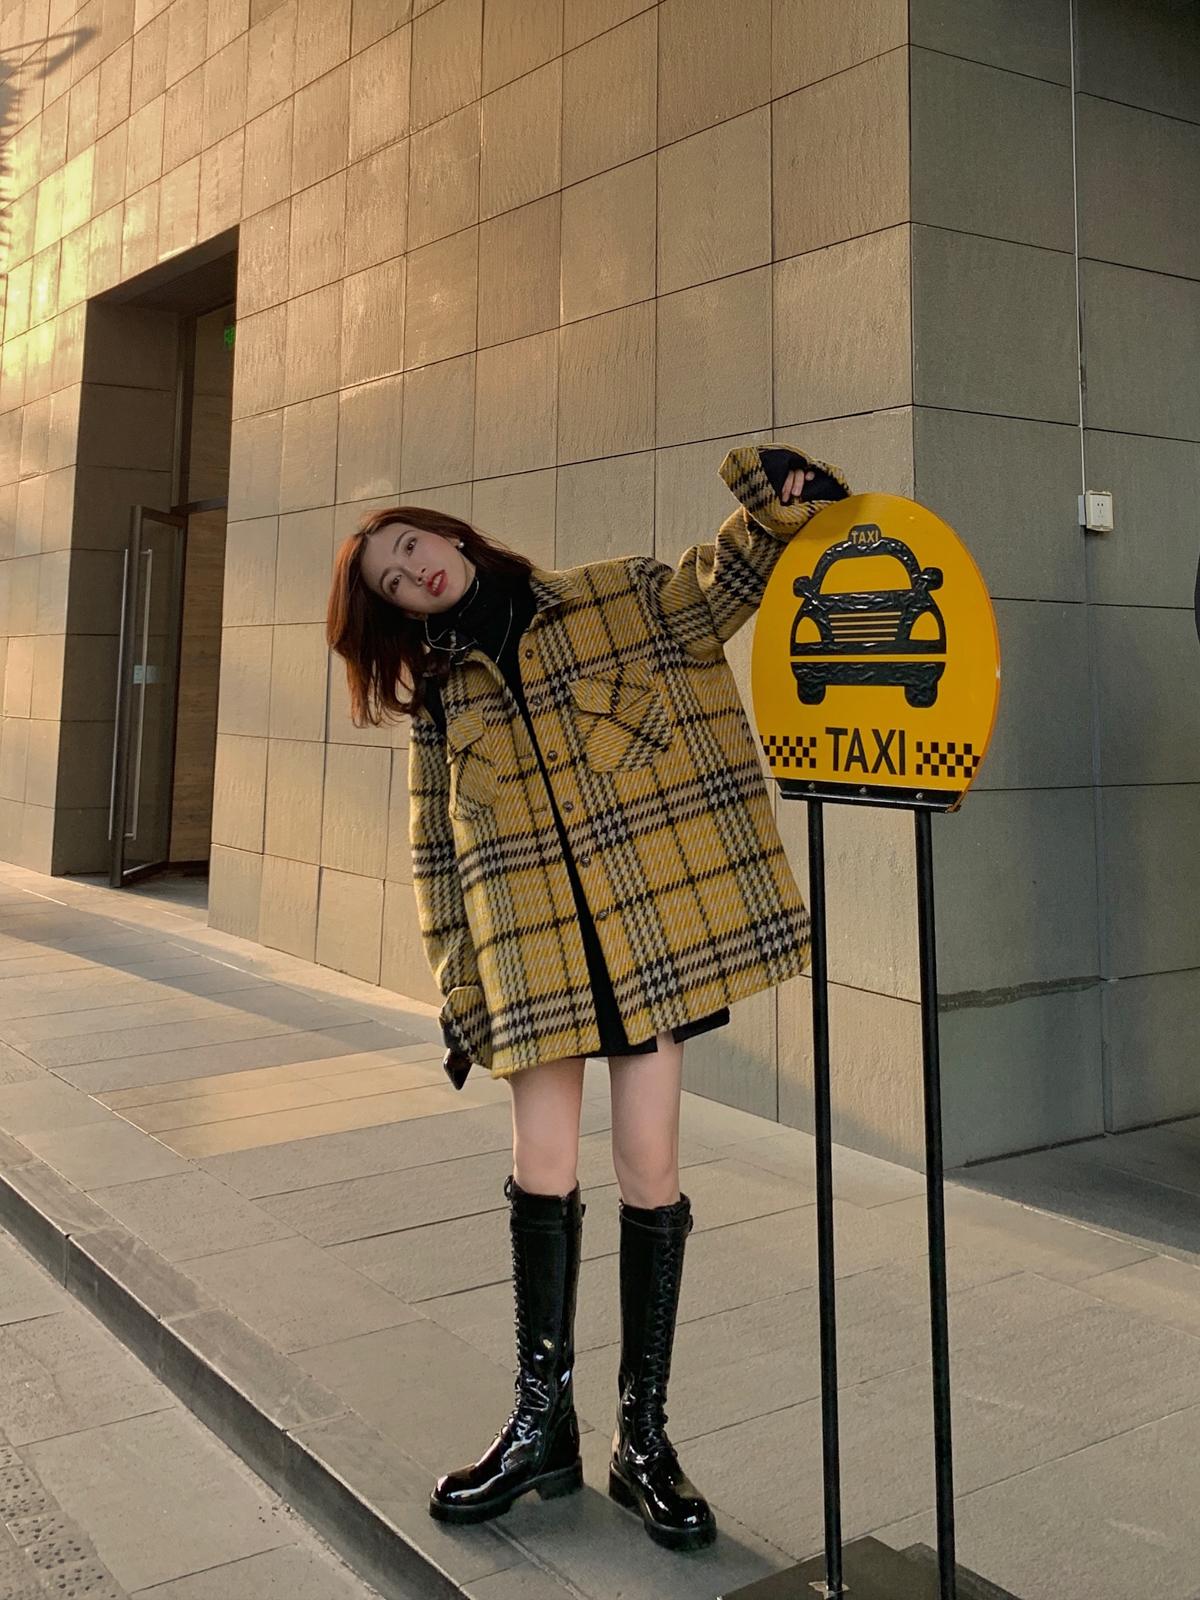 毛呢韩版外套 大于诗集 格纹羊毛加厚衬衫外套女 毛呢复古韩版宽松呢子大衣秋_推荐淘宝好看的女毛呢韩版外套